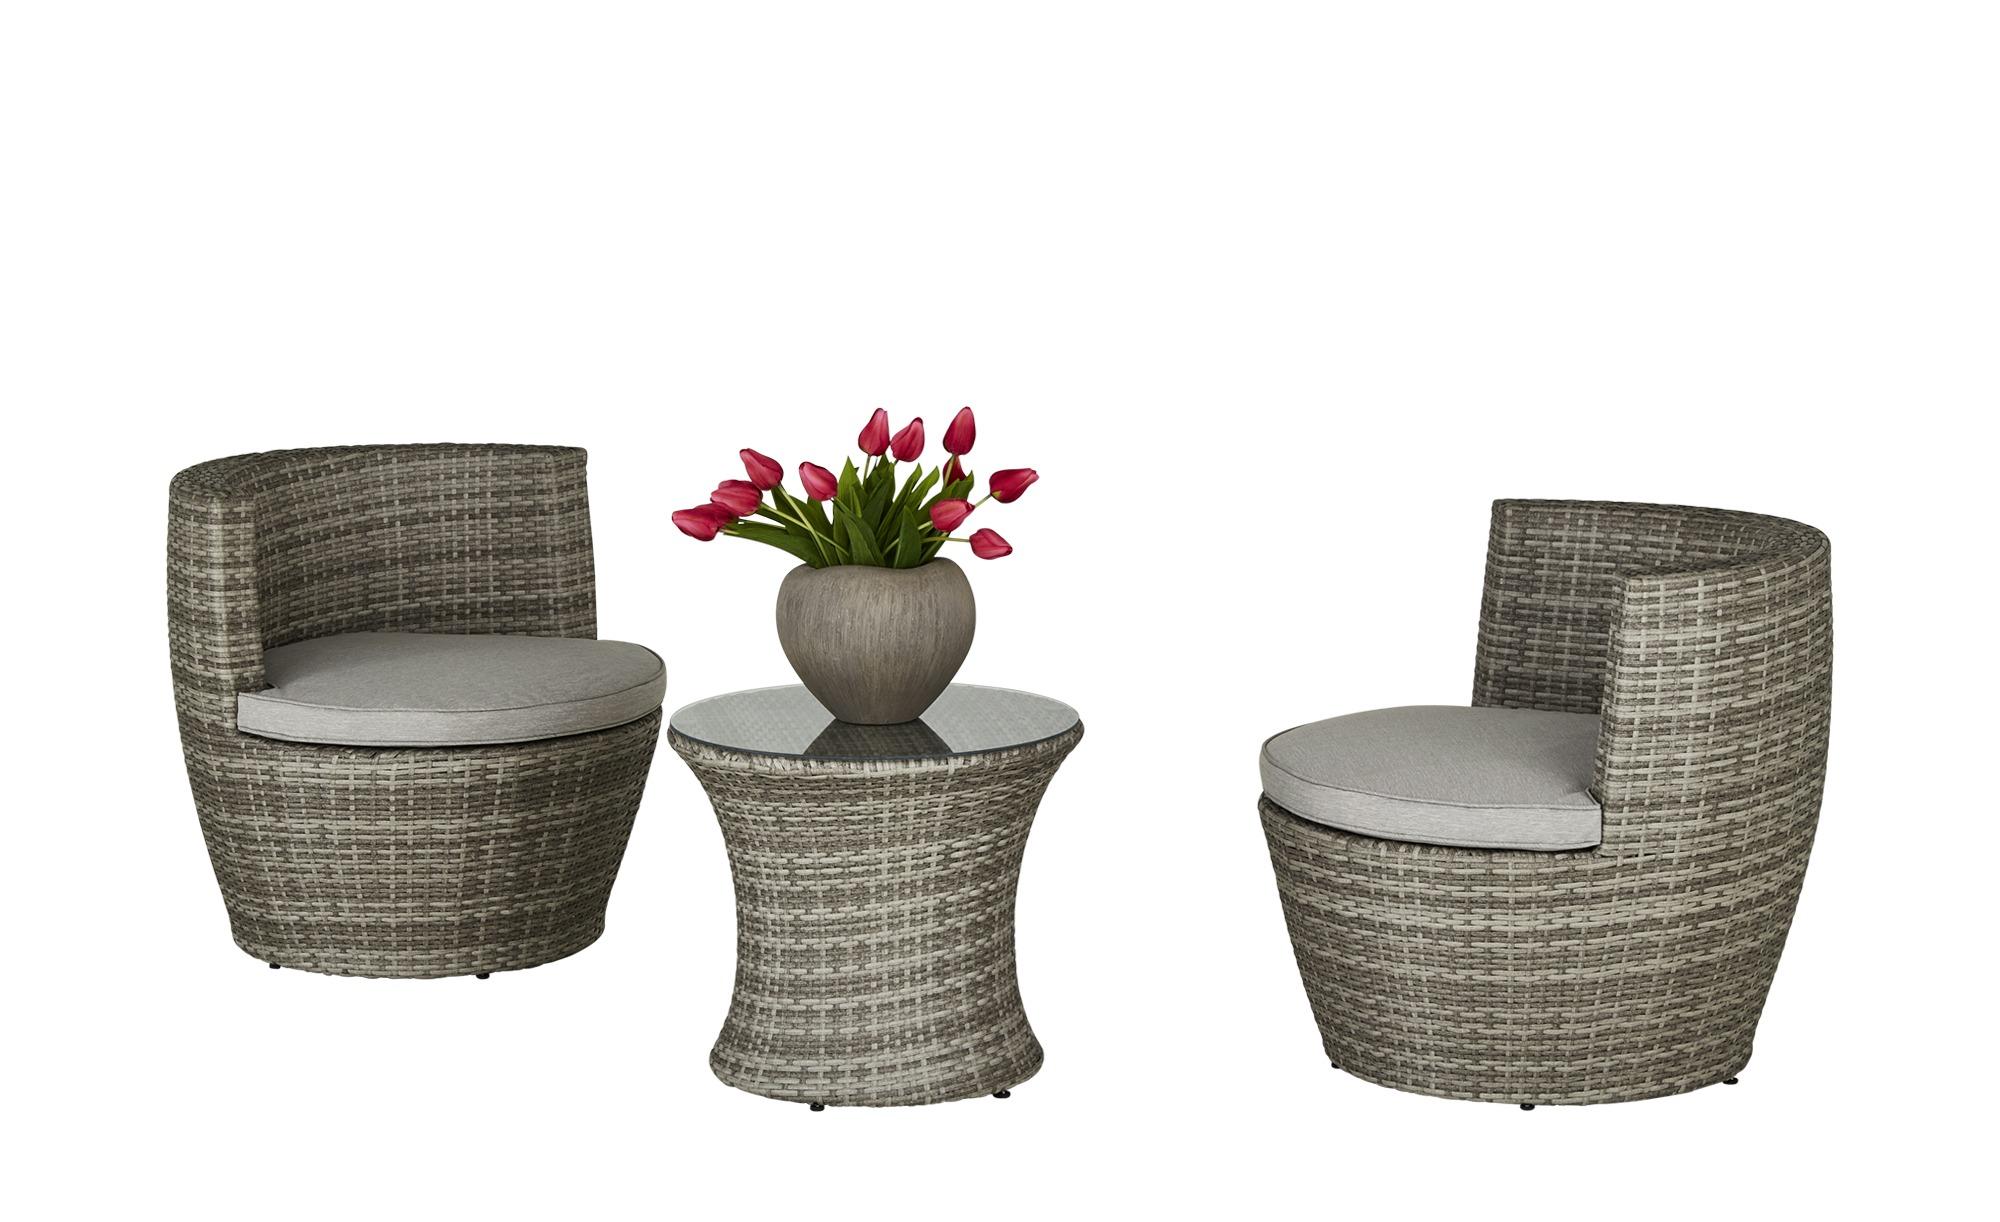 Garten-Sitzgruppe  Vaasa ¦ grau ¦ Aluminium pulverbeschichtet/ PE-Geflecht Garten > Gartenmöbel > Gartenmöbel Sets - Höffner